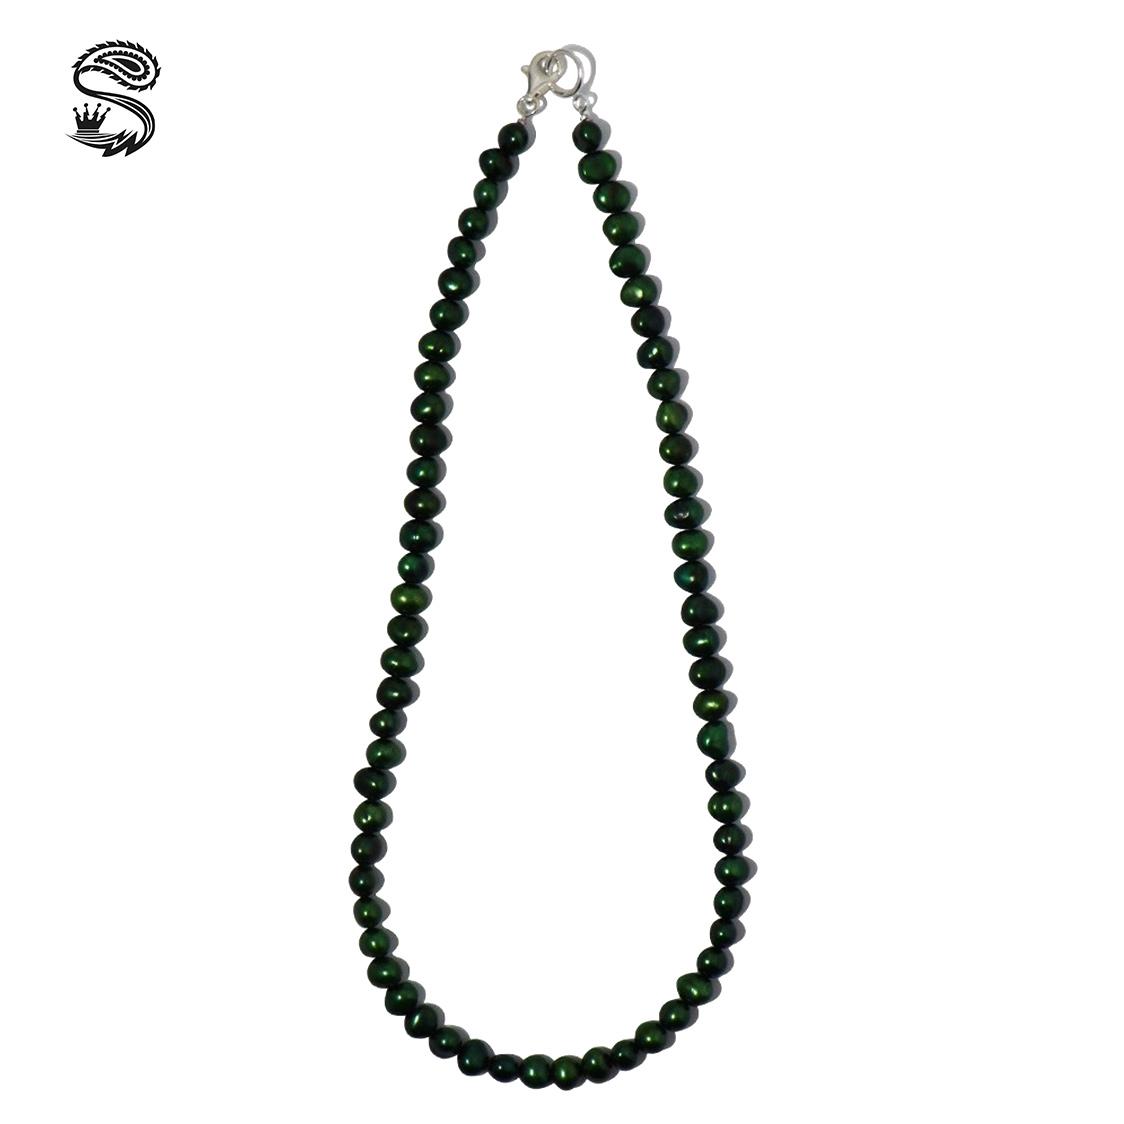 新品 SPARKING スパーキング green pearl necklace グリーンパール ネックレス チェーン